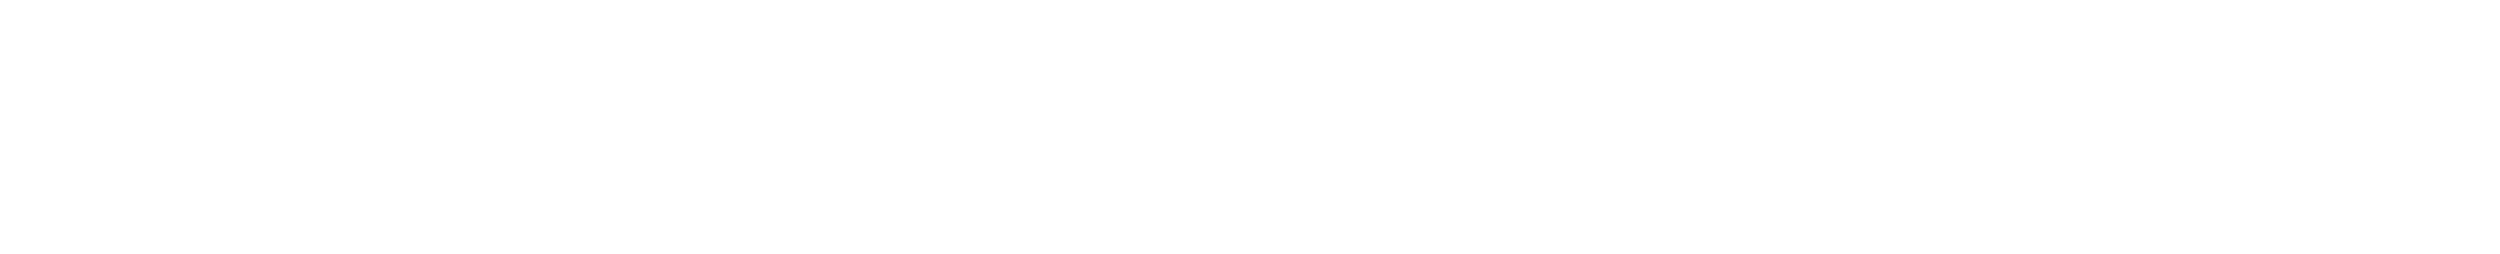 Top Angle Image